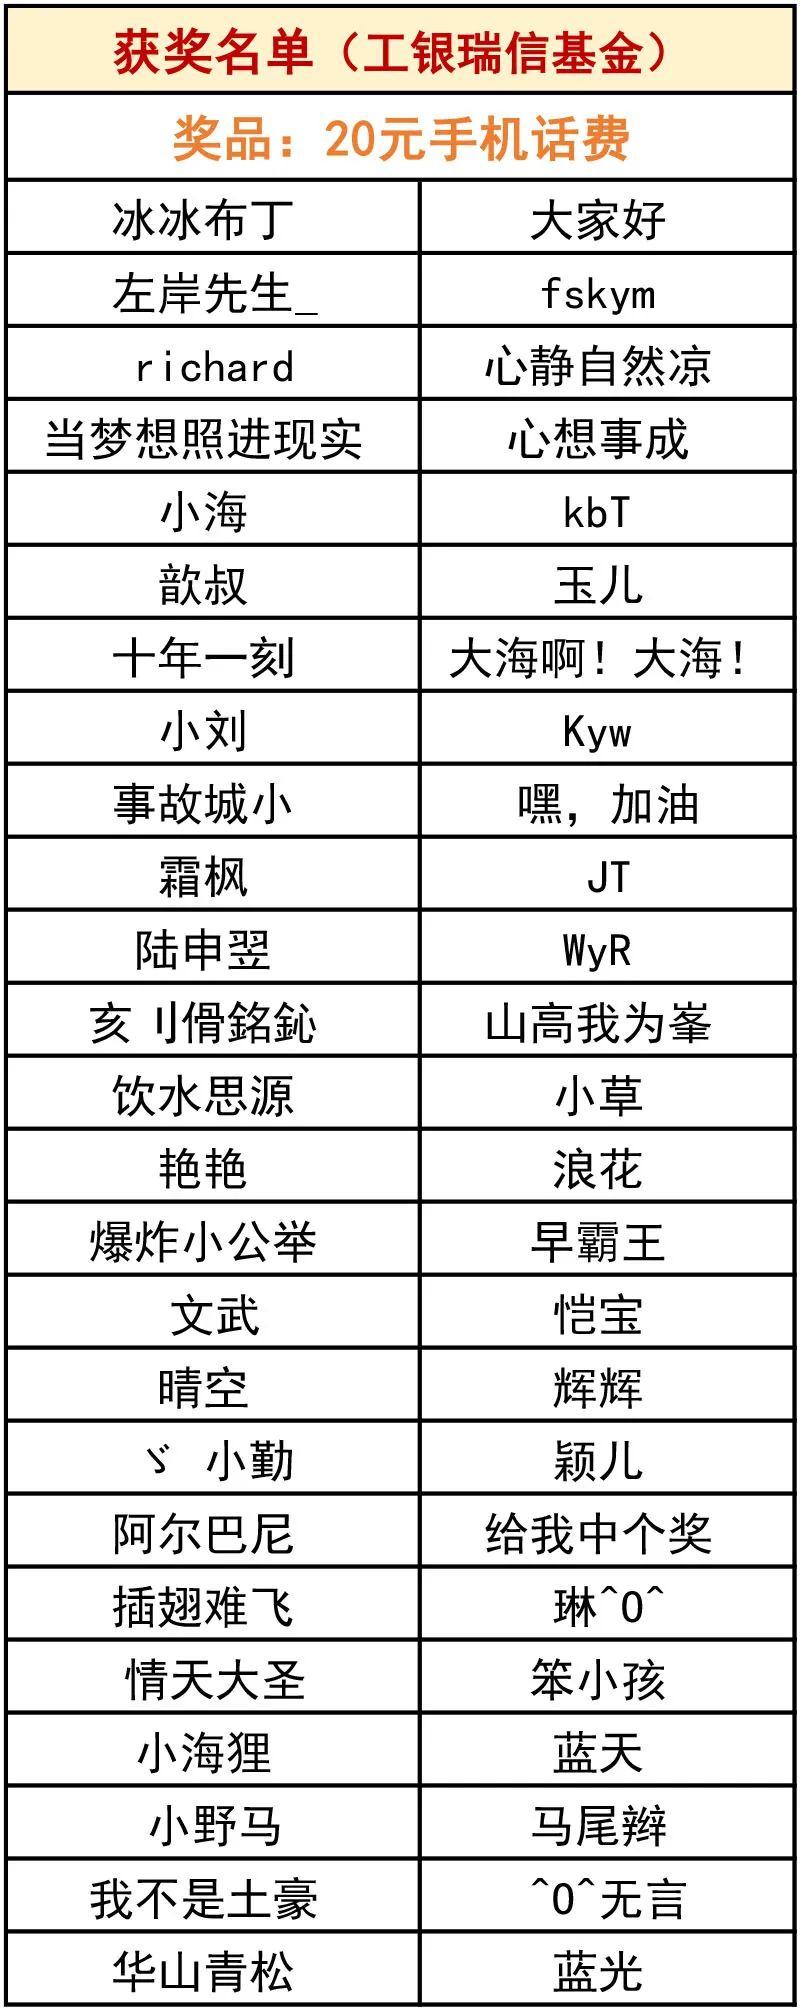 获奖公布丨反洗钱答题活动获奖名单出炉!